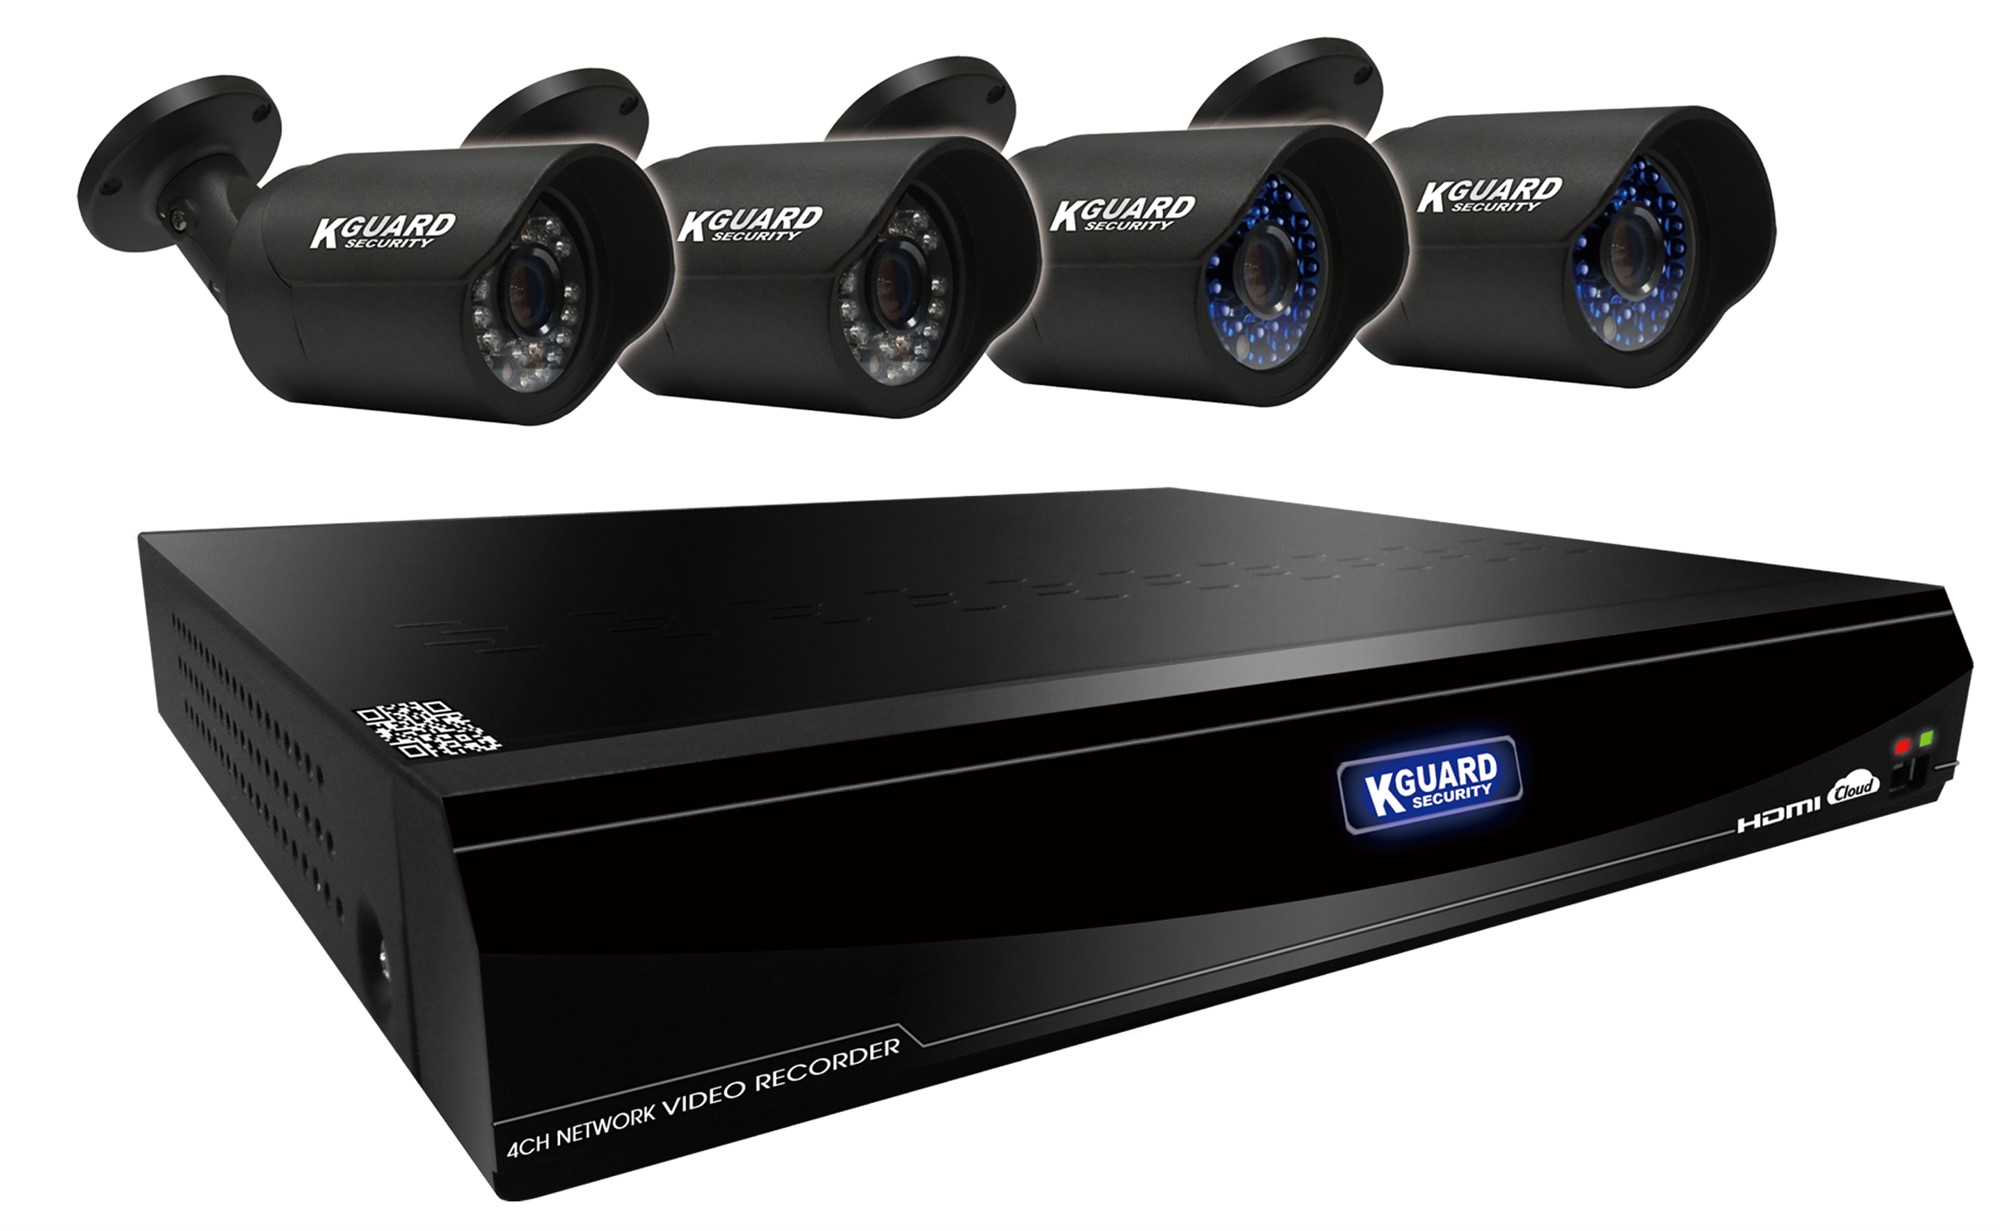 Kguard MR-4040 NVR Combo Kit Black digital video recorder